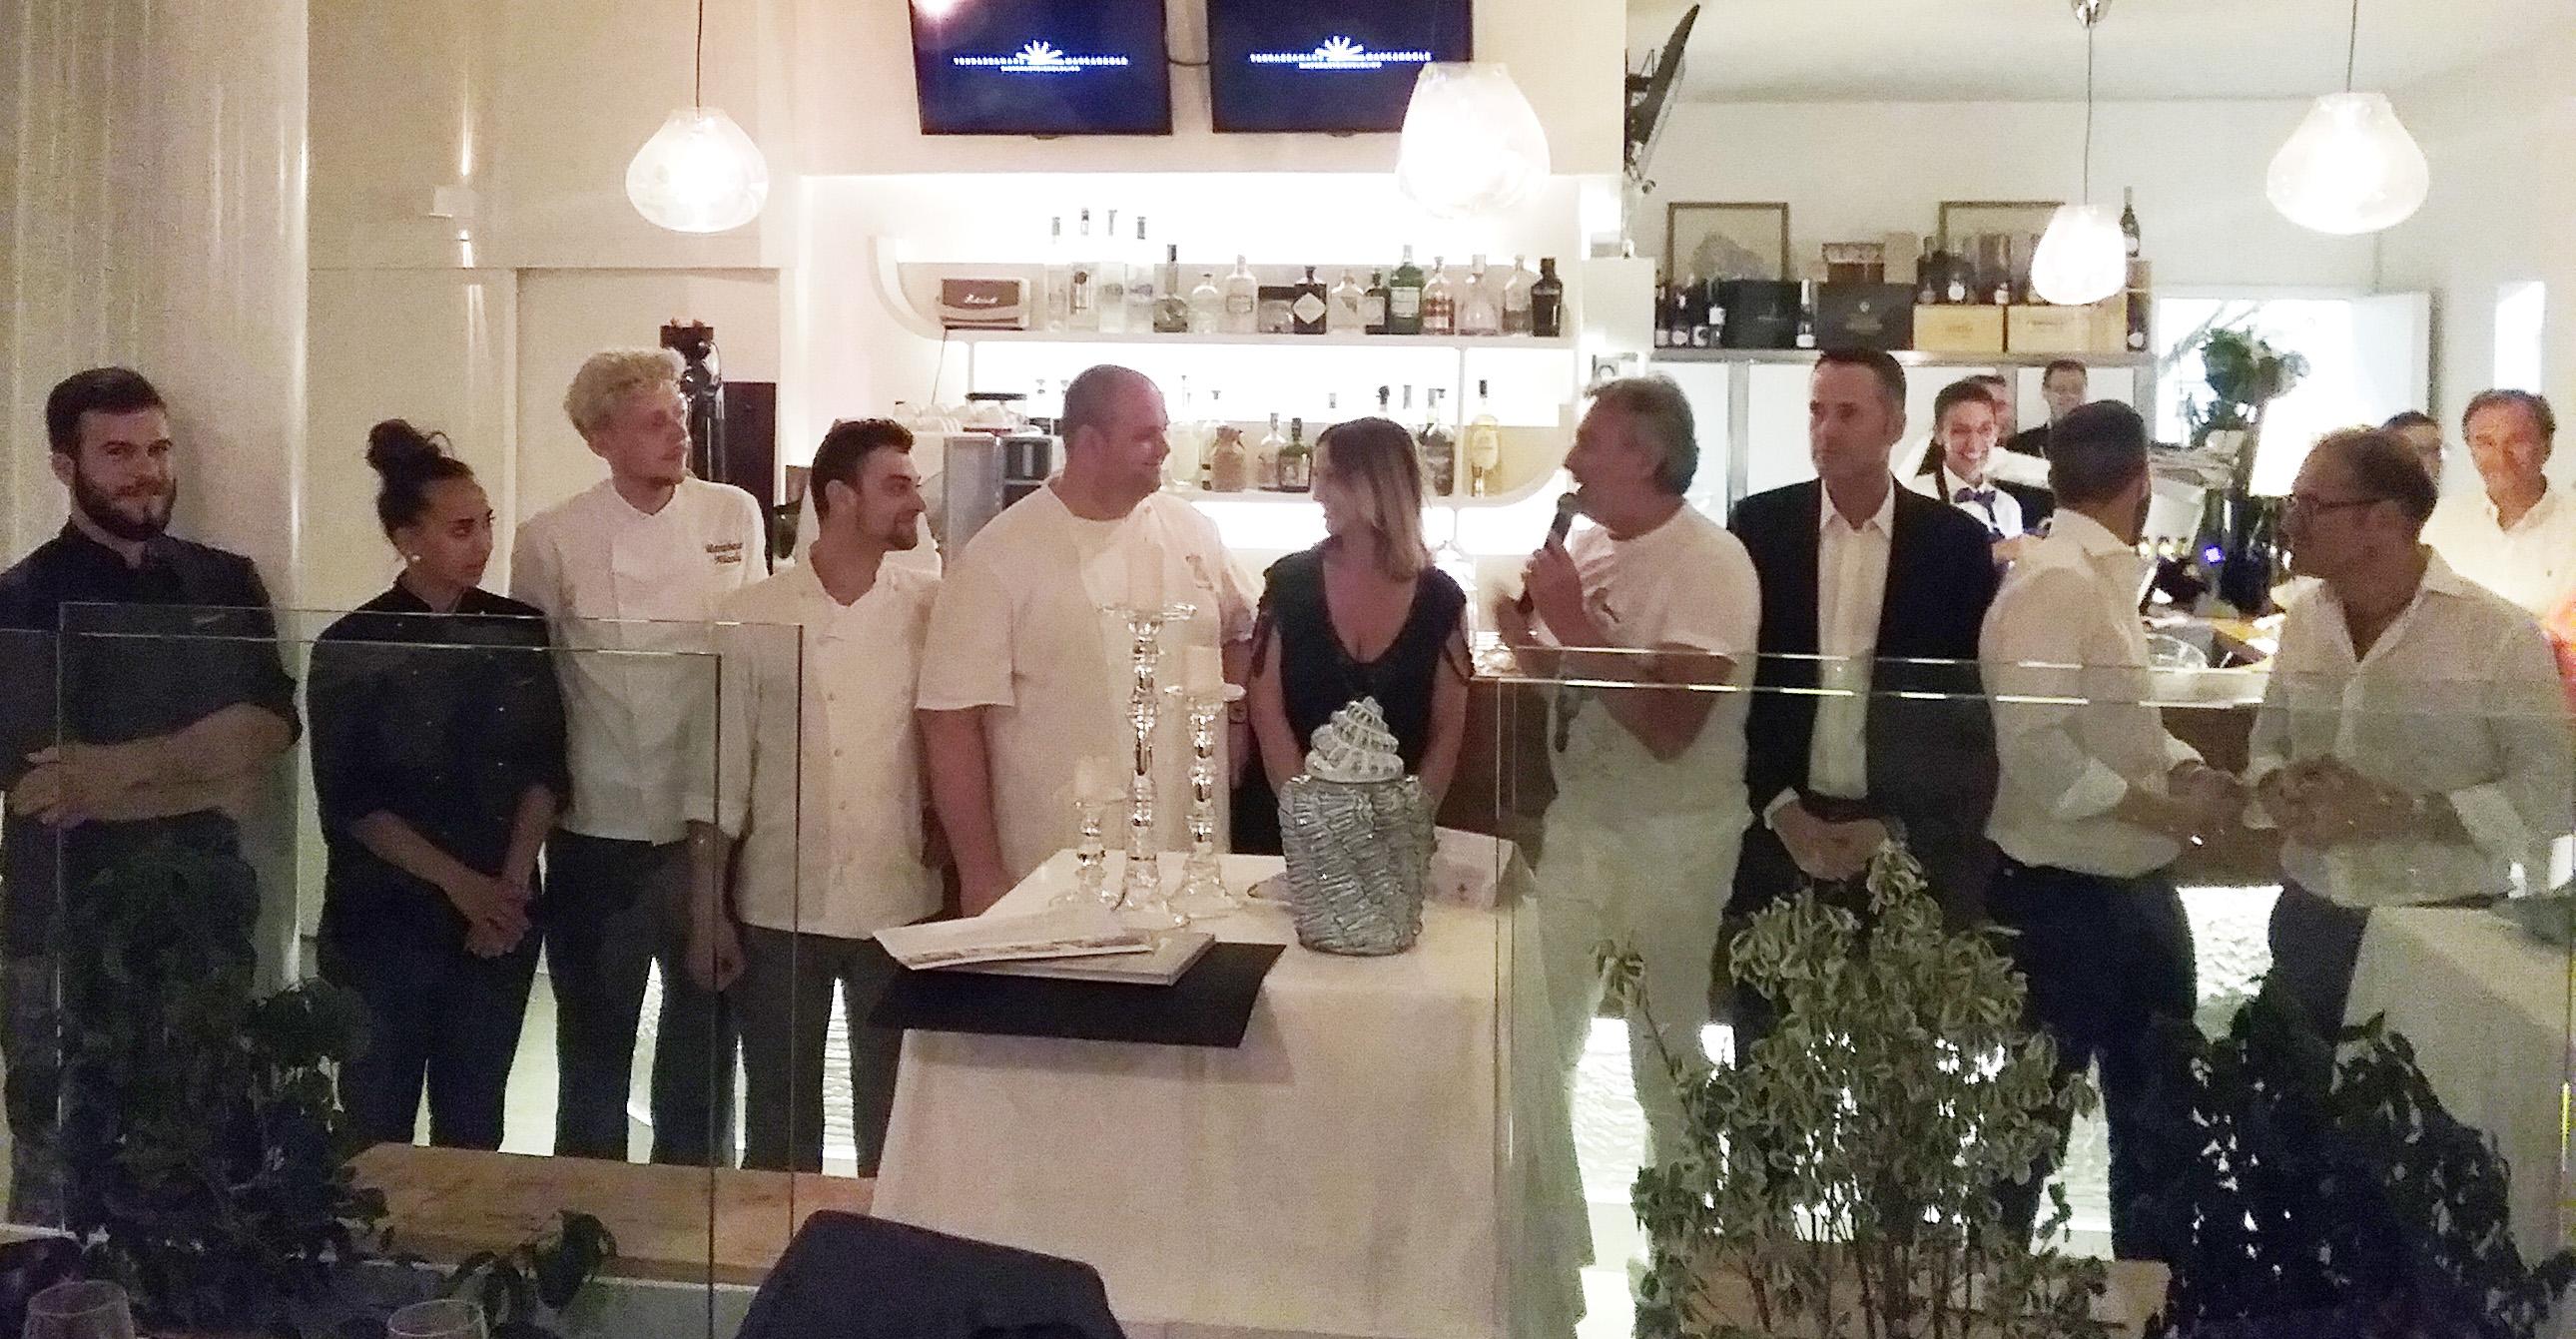 Sfilata di campioni, vini, prodotti e piatti a Jesolo per i 2 ...